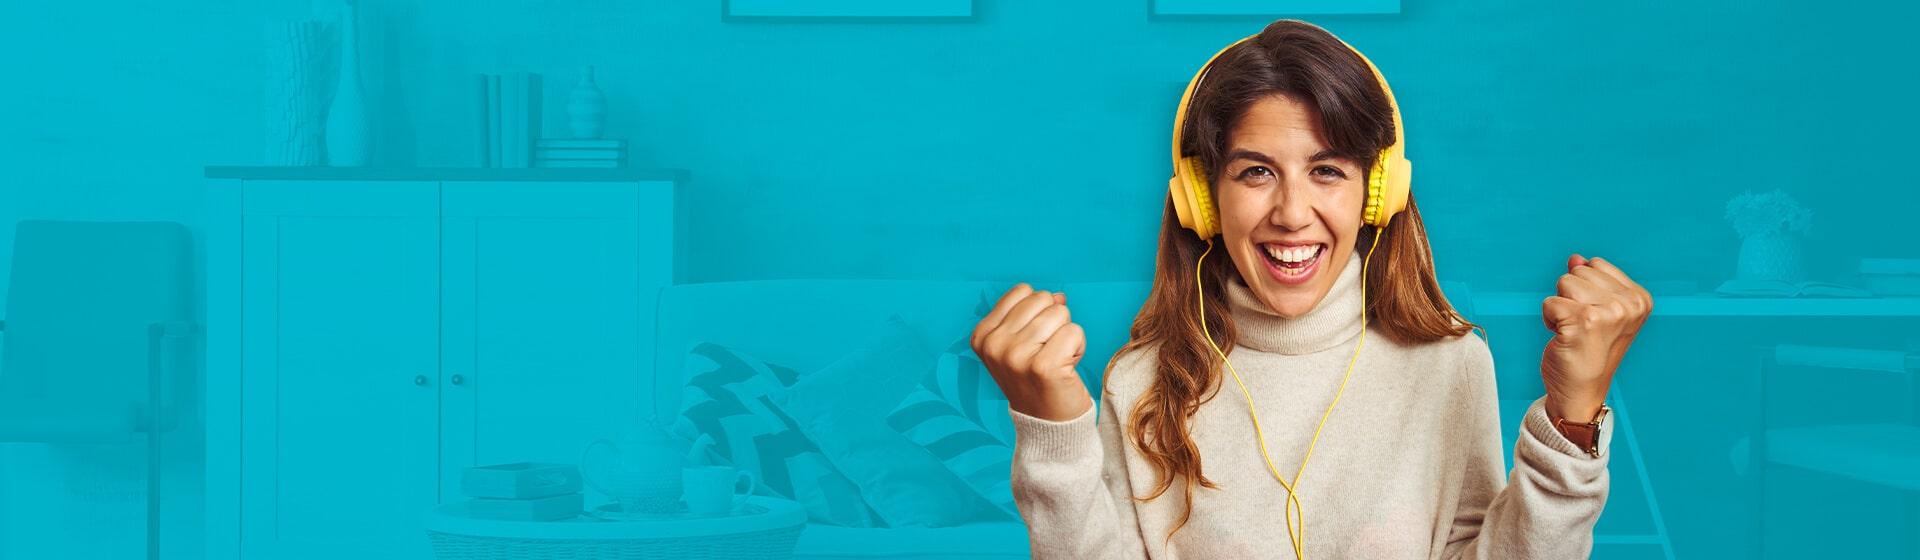 mujer con audifonos